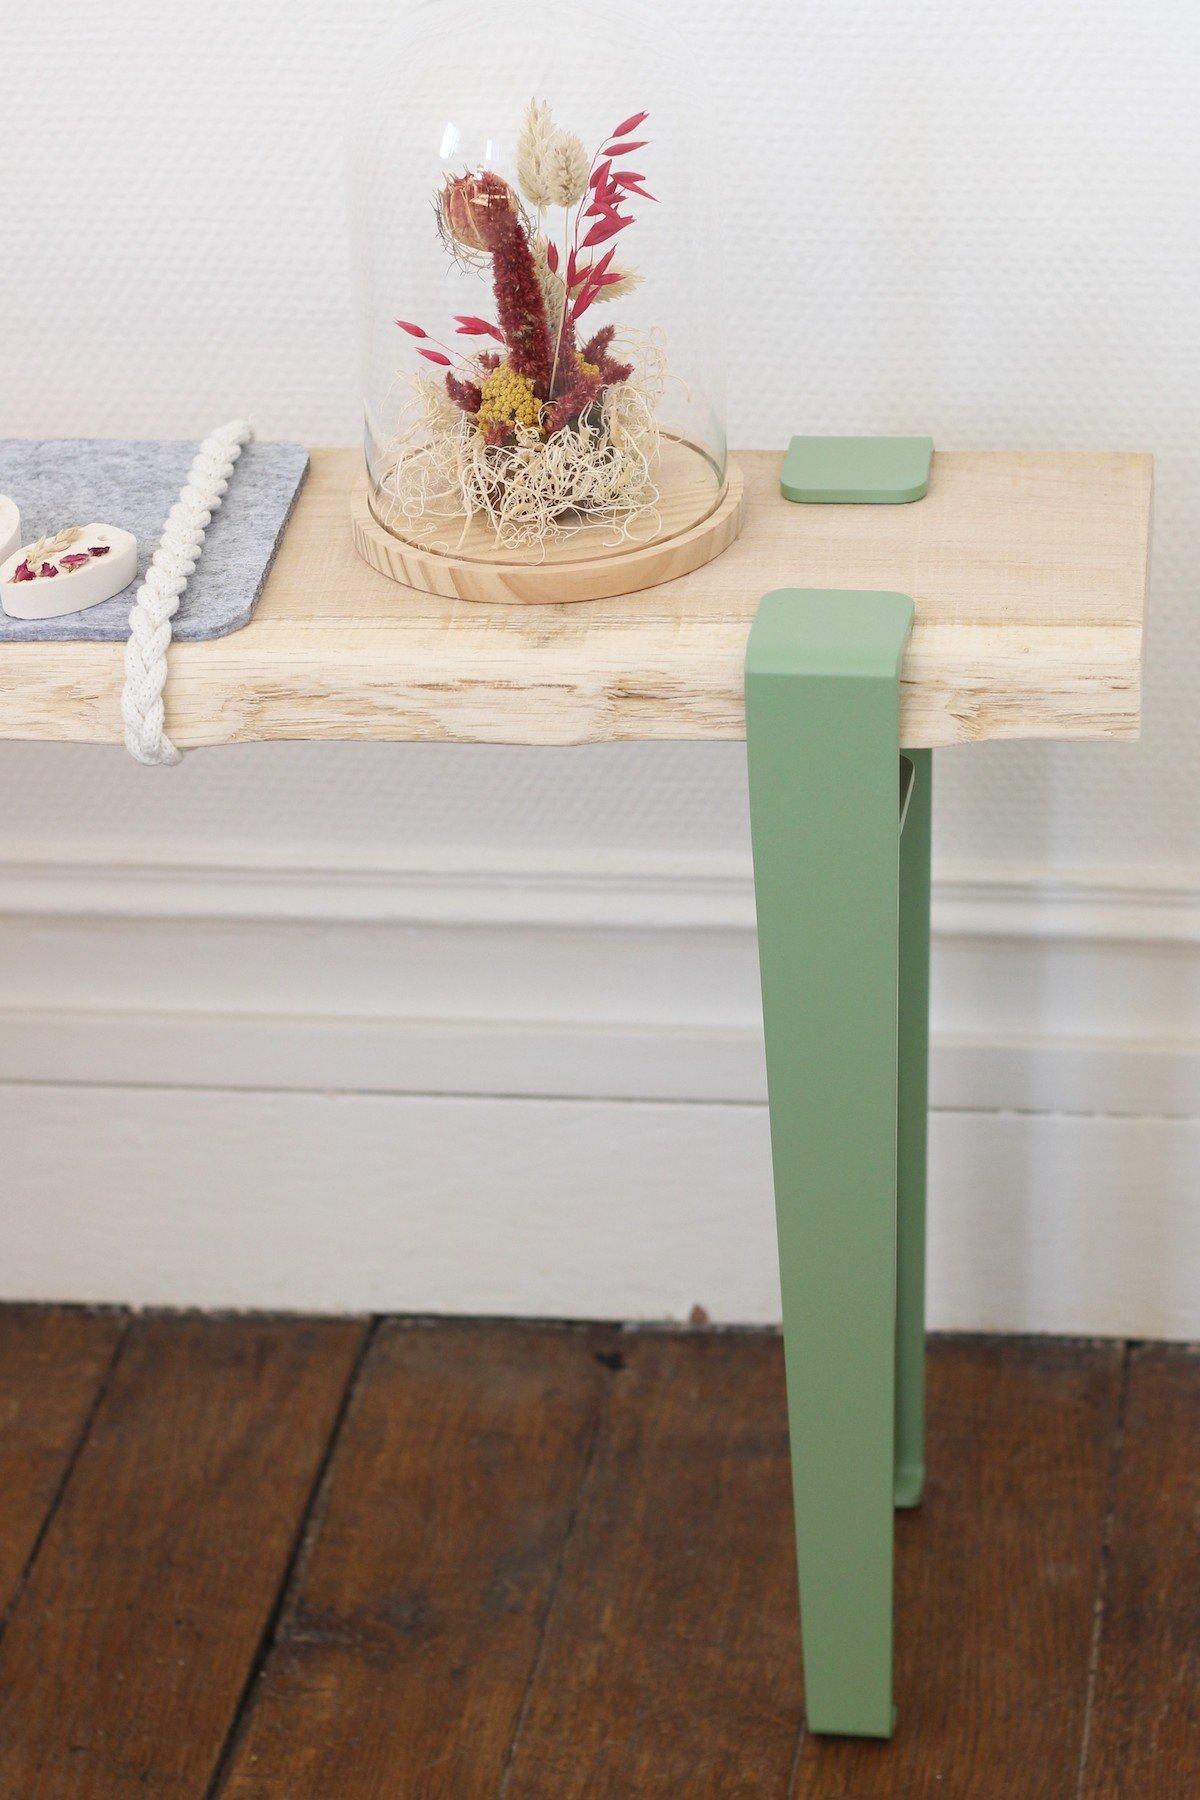 comment fabriquer banc d'entrée DIY bois pied pince style scandinave